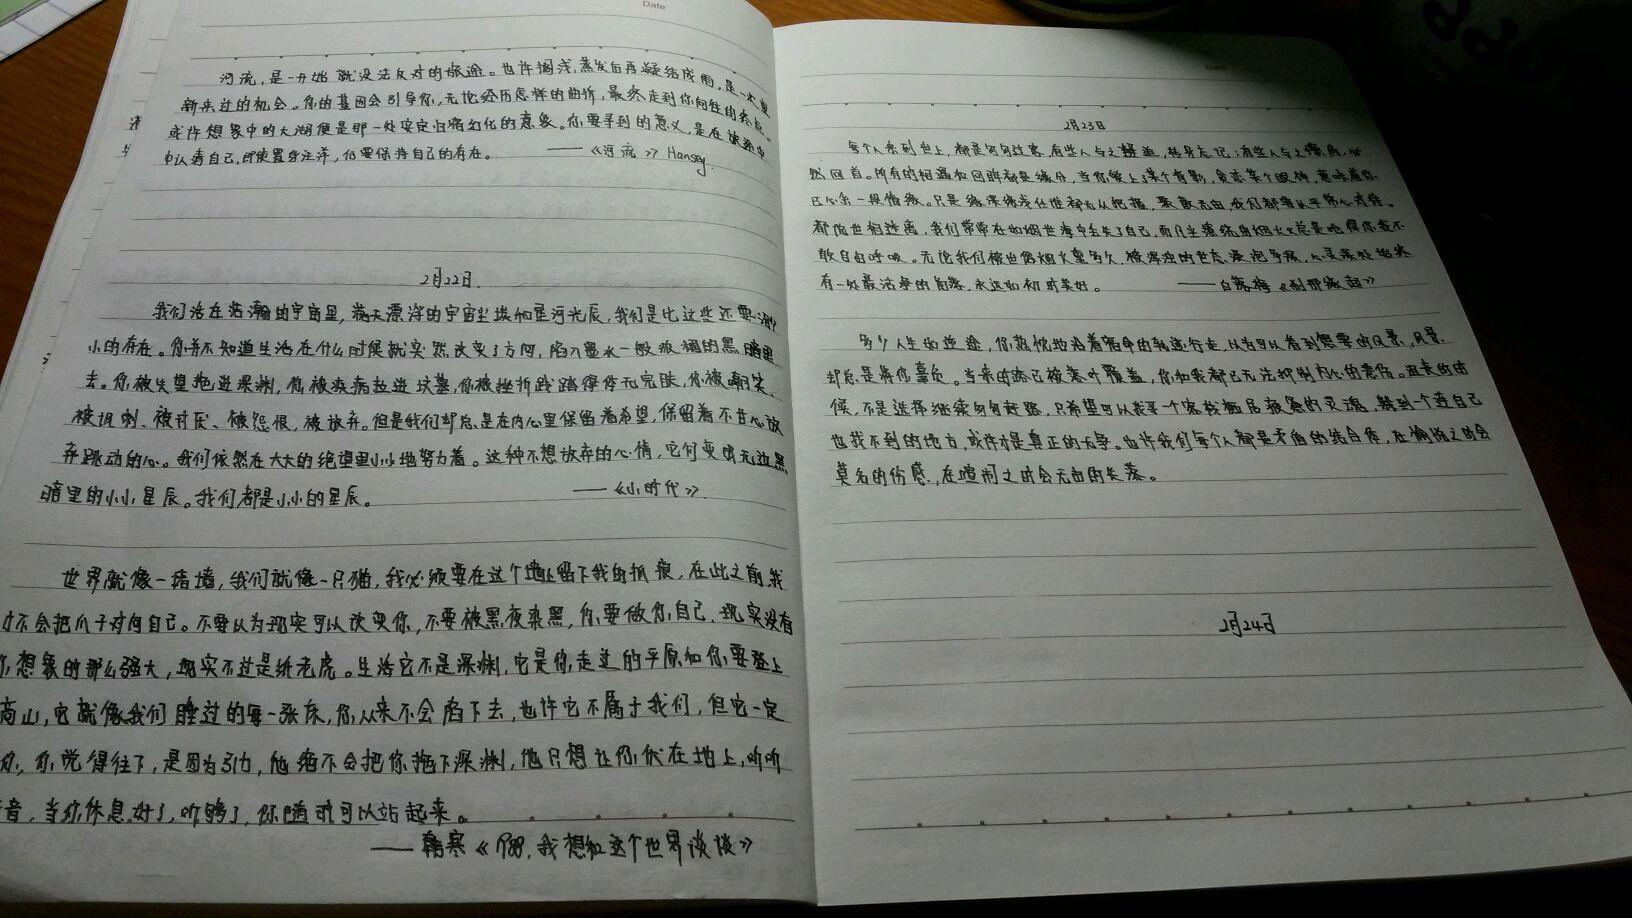 高中语文句子摘抄_摘抄图片大全_风景520